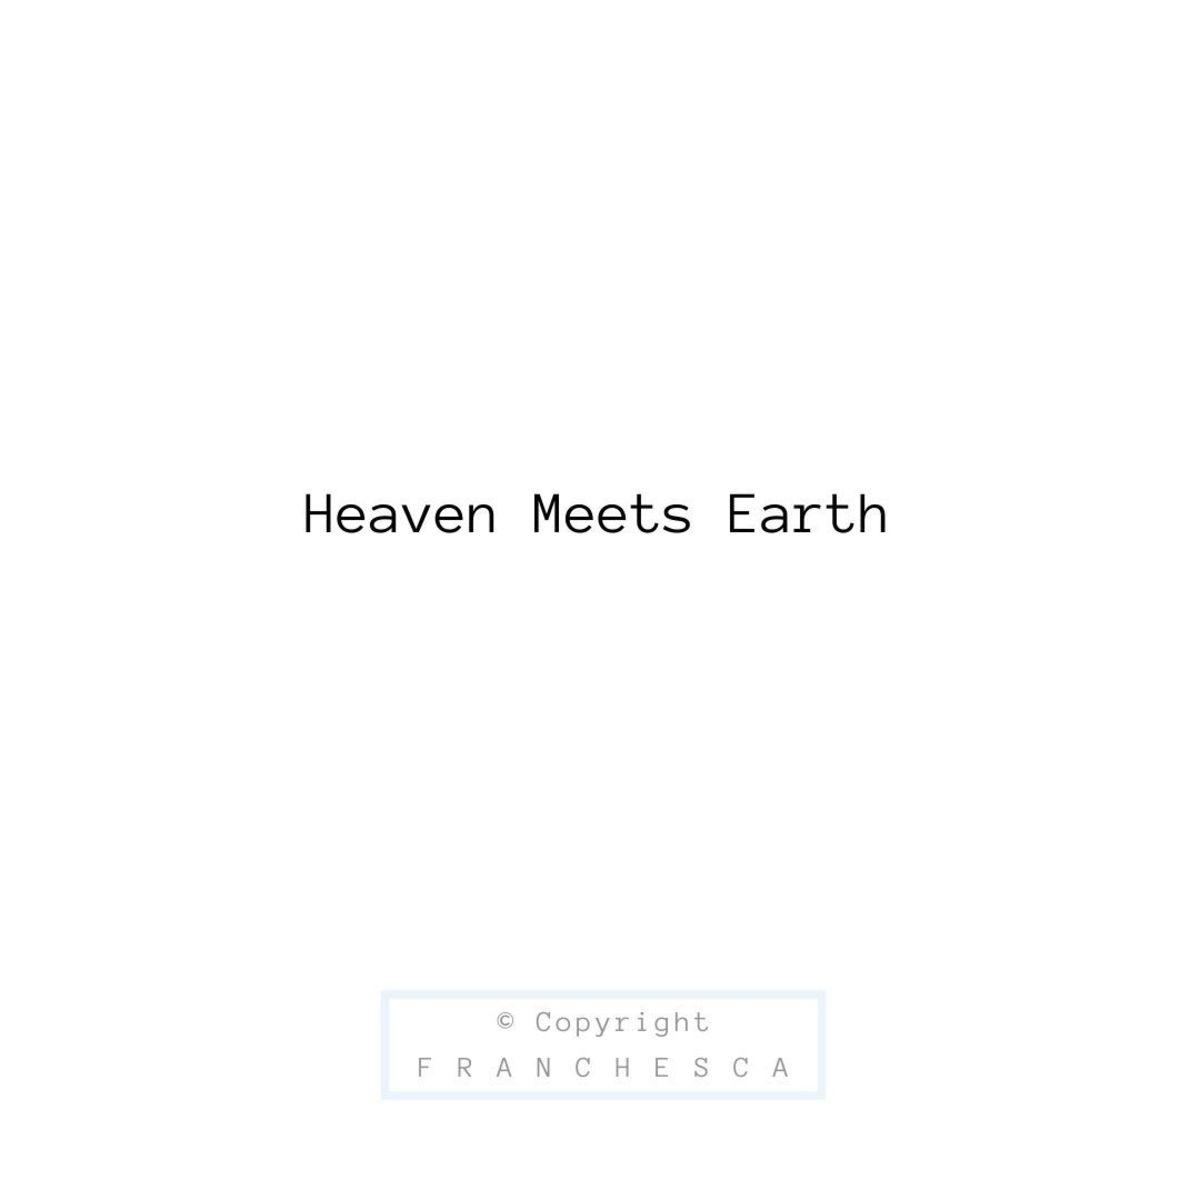 42nd-article-heaven-meets-earth